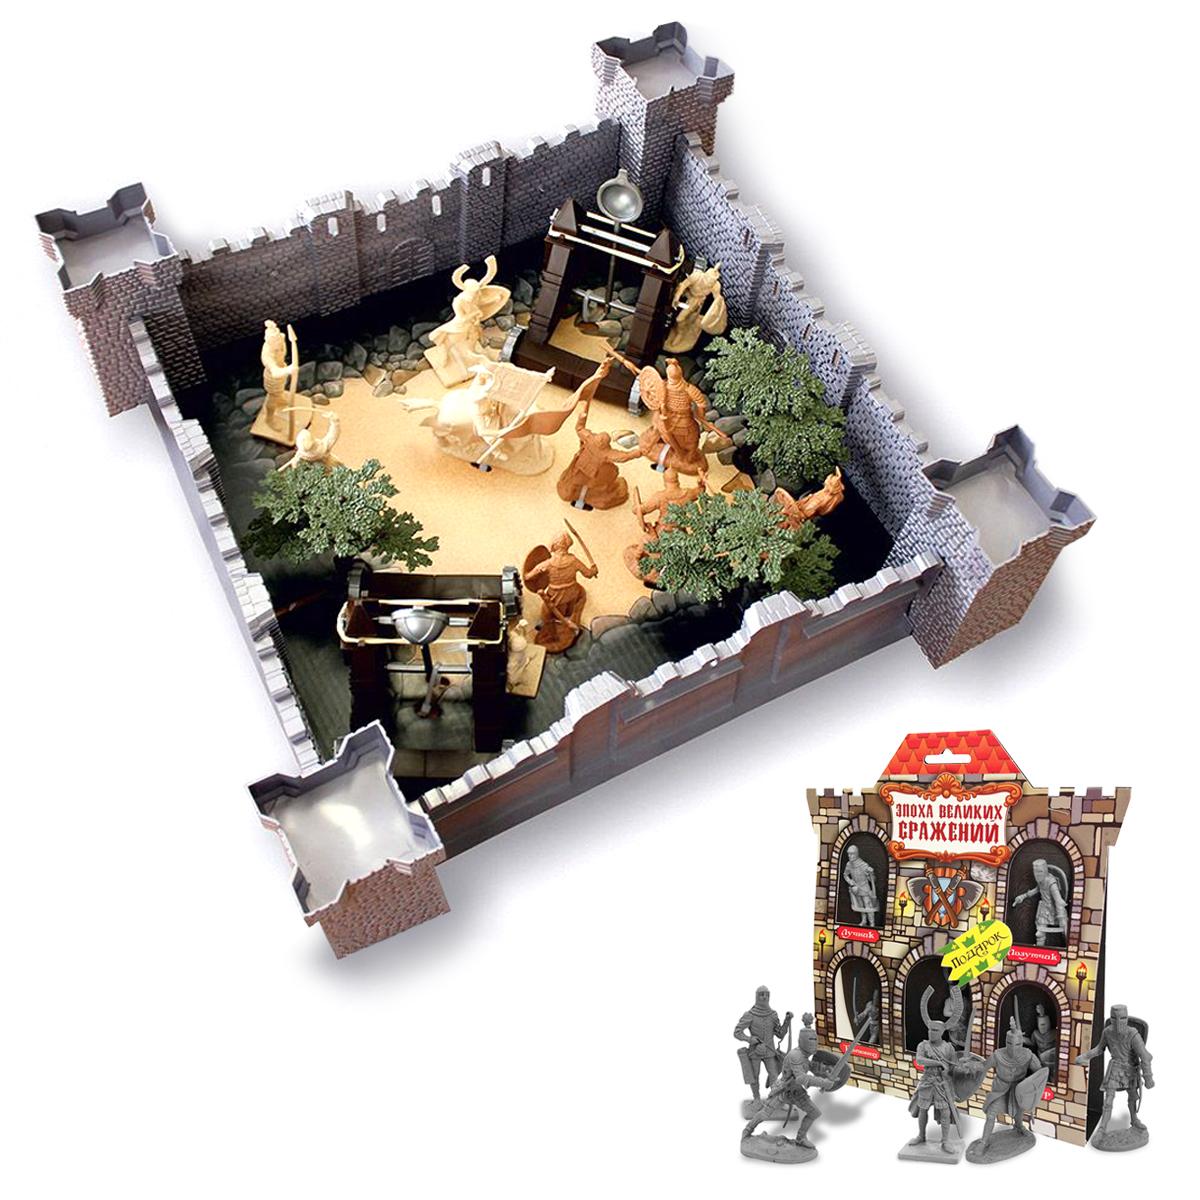 Купить Игровой набор 1291 Год взятия крепости 12062 + Эпоха Великих Сражений Крестоносцы №2 12059, Биплант,